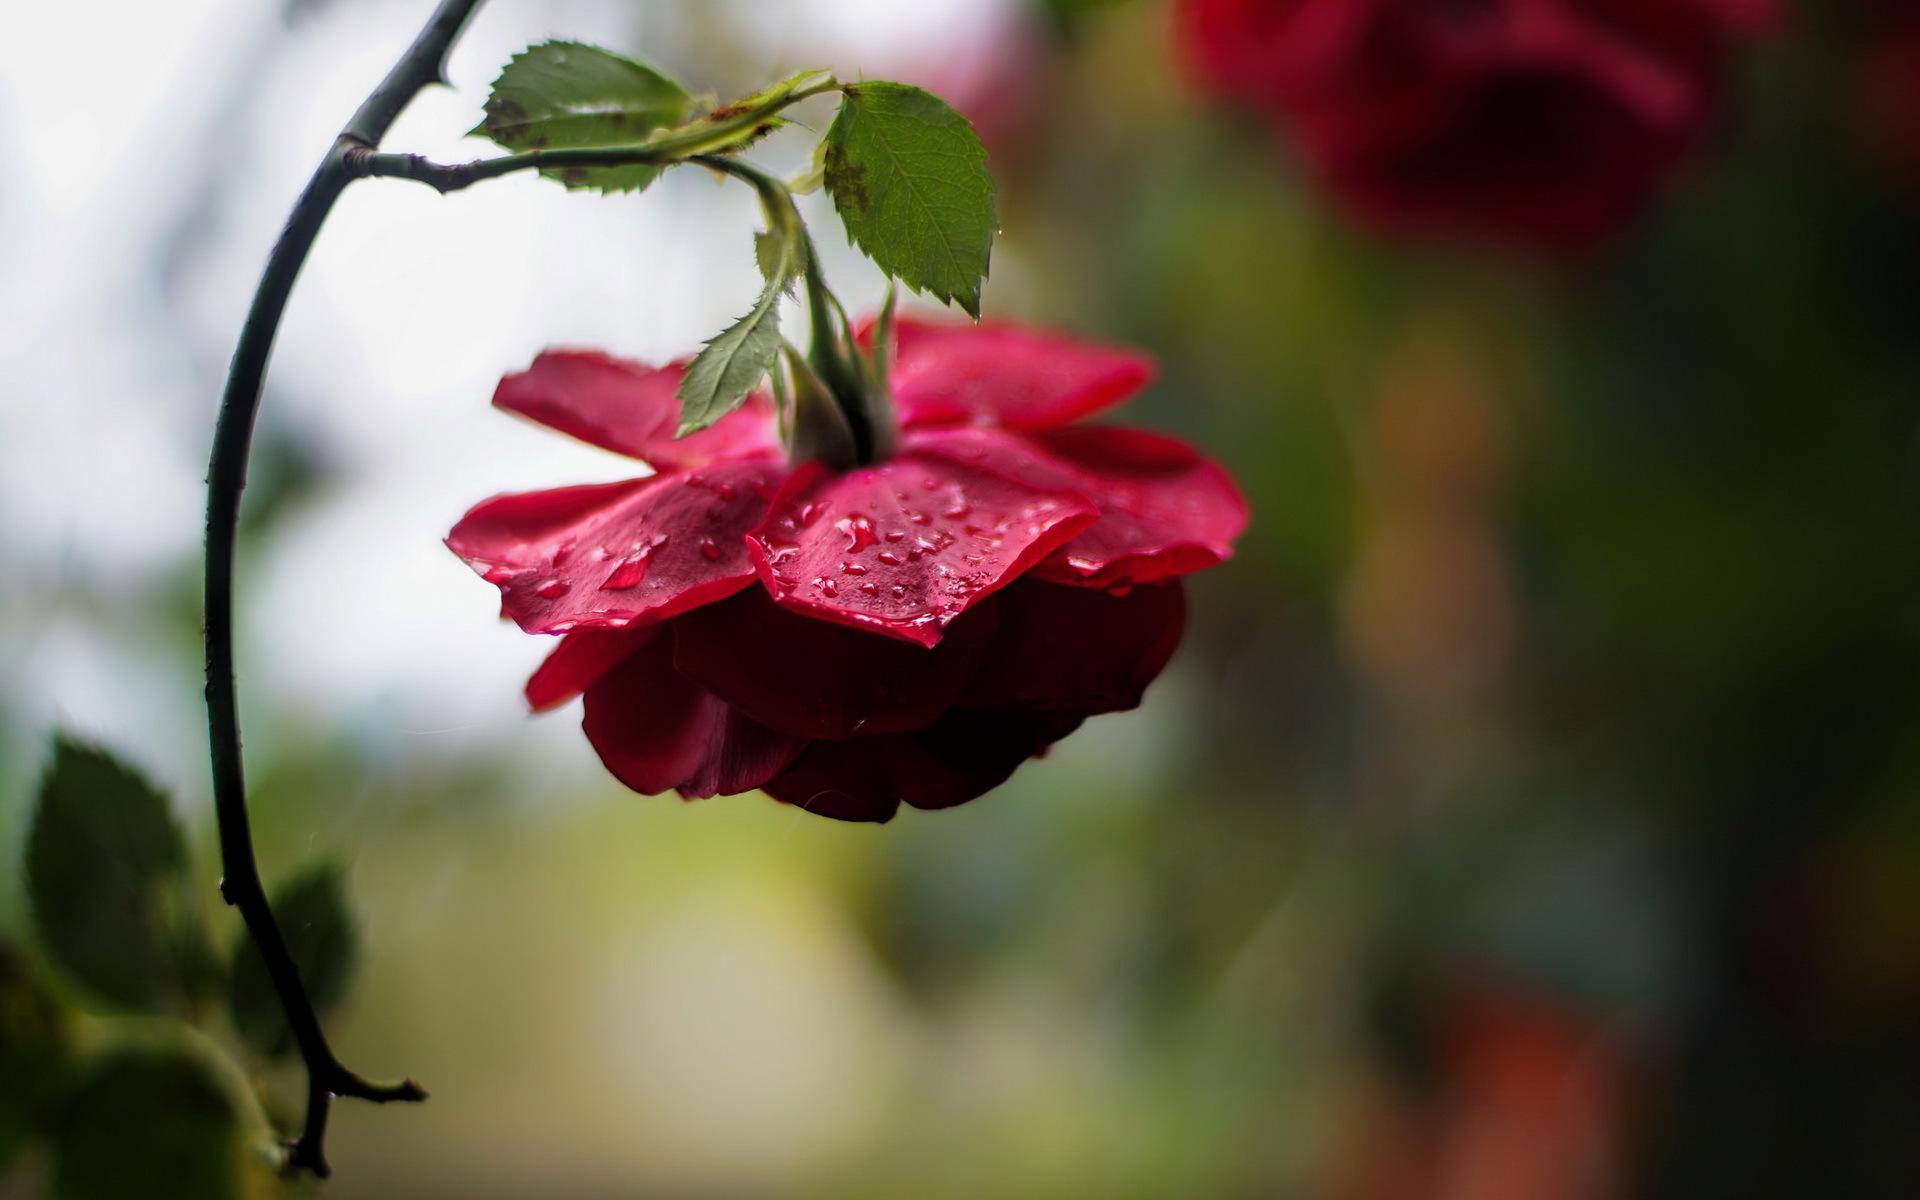 розы,капли,бутоны,зелень  № 759646 загрузить